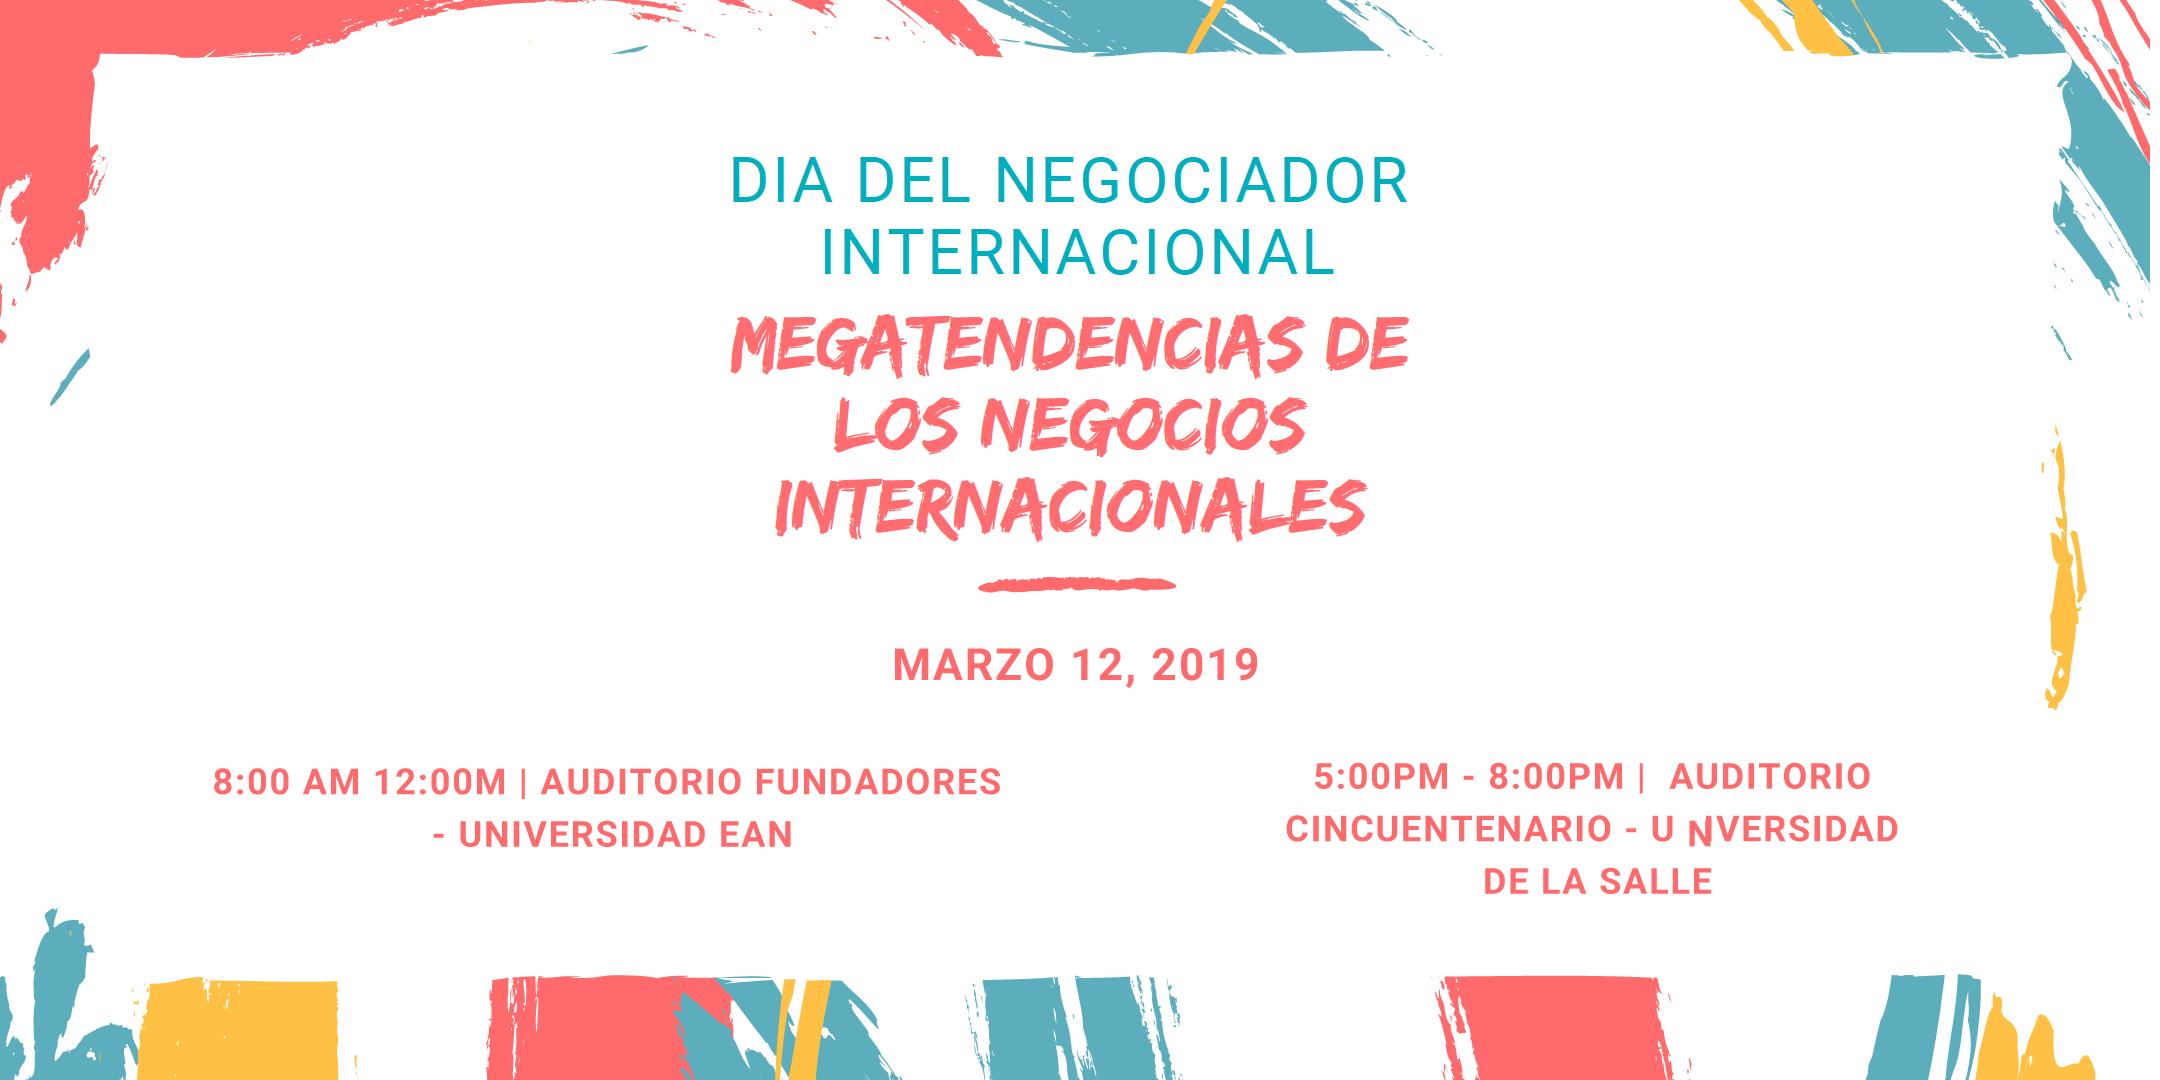 Día del Negociador internacional